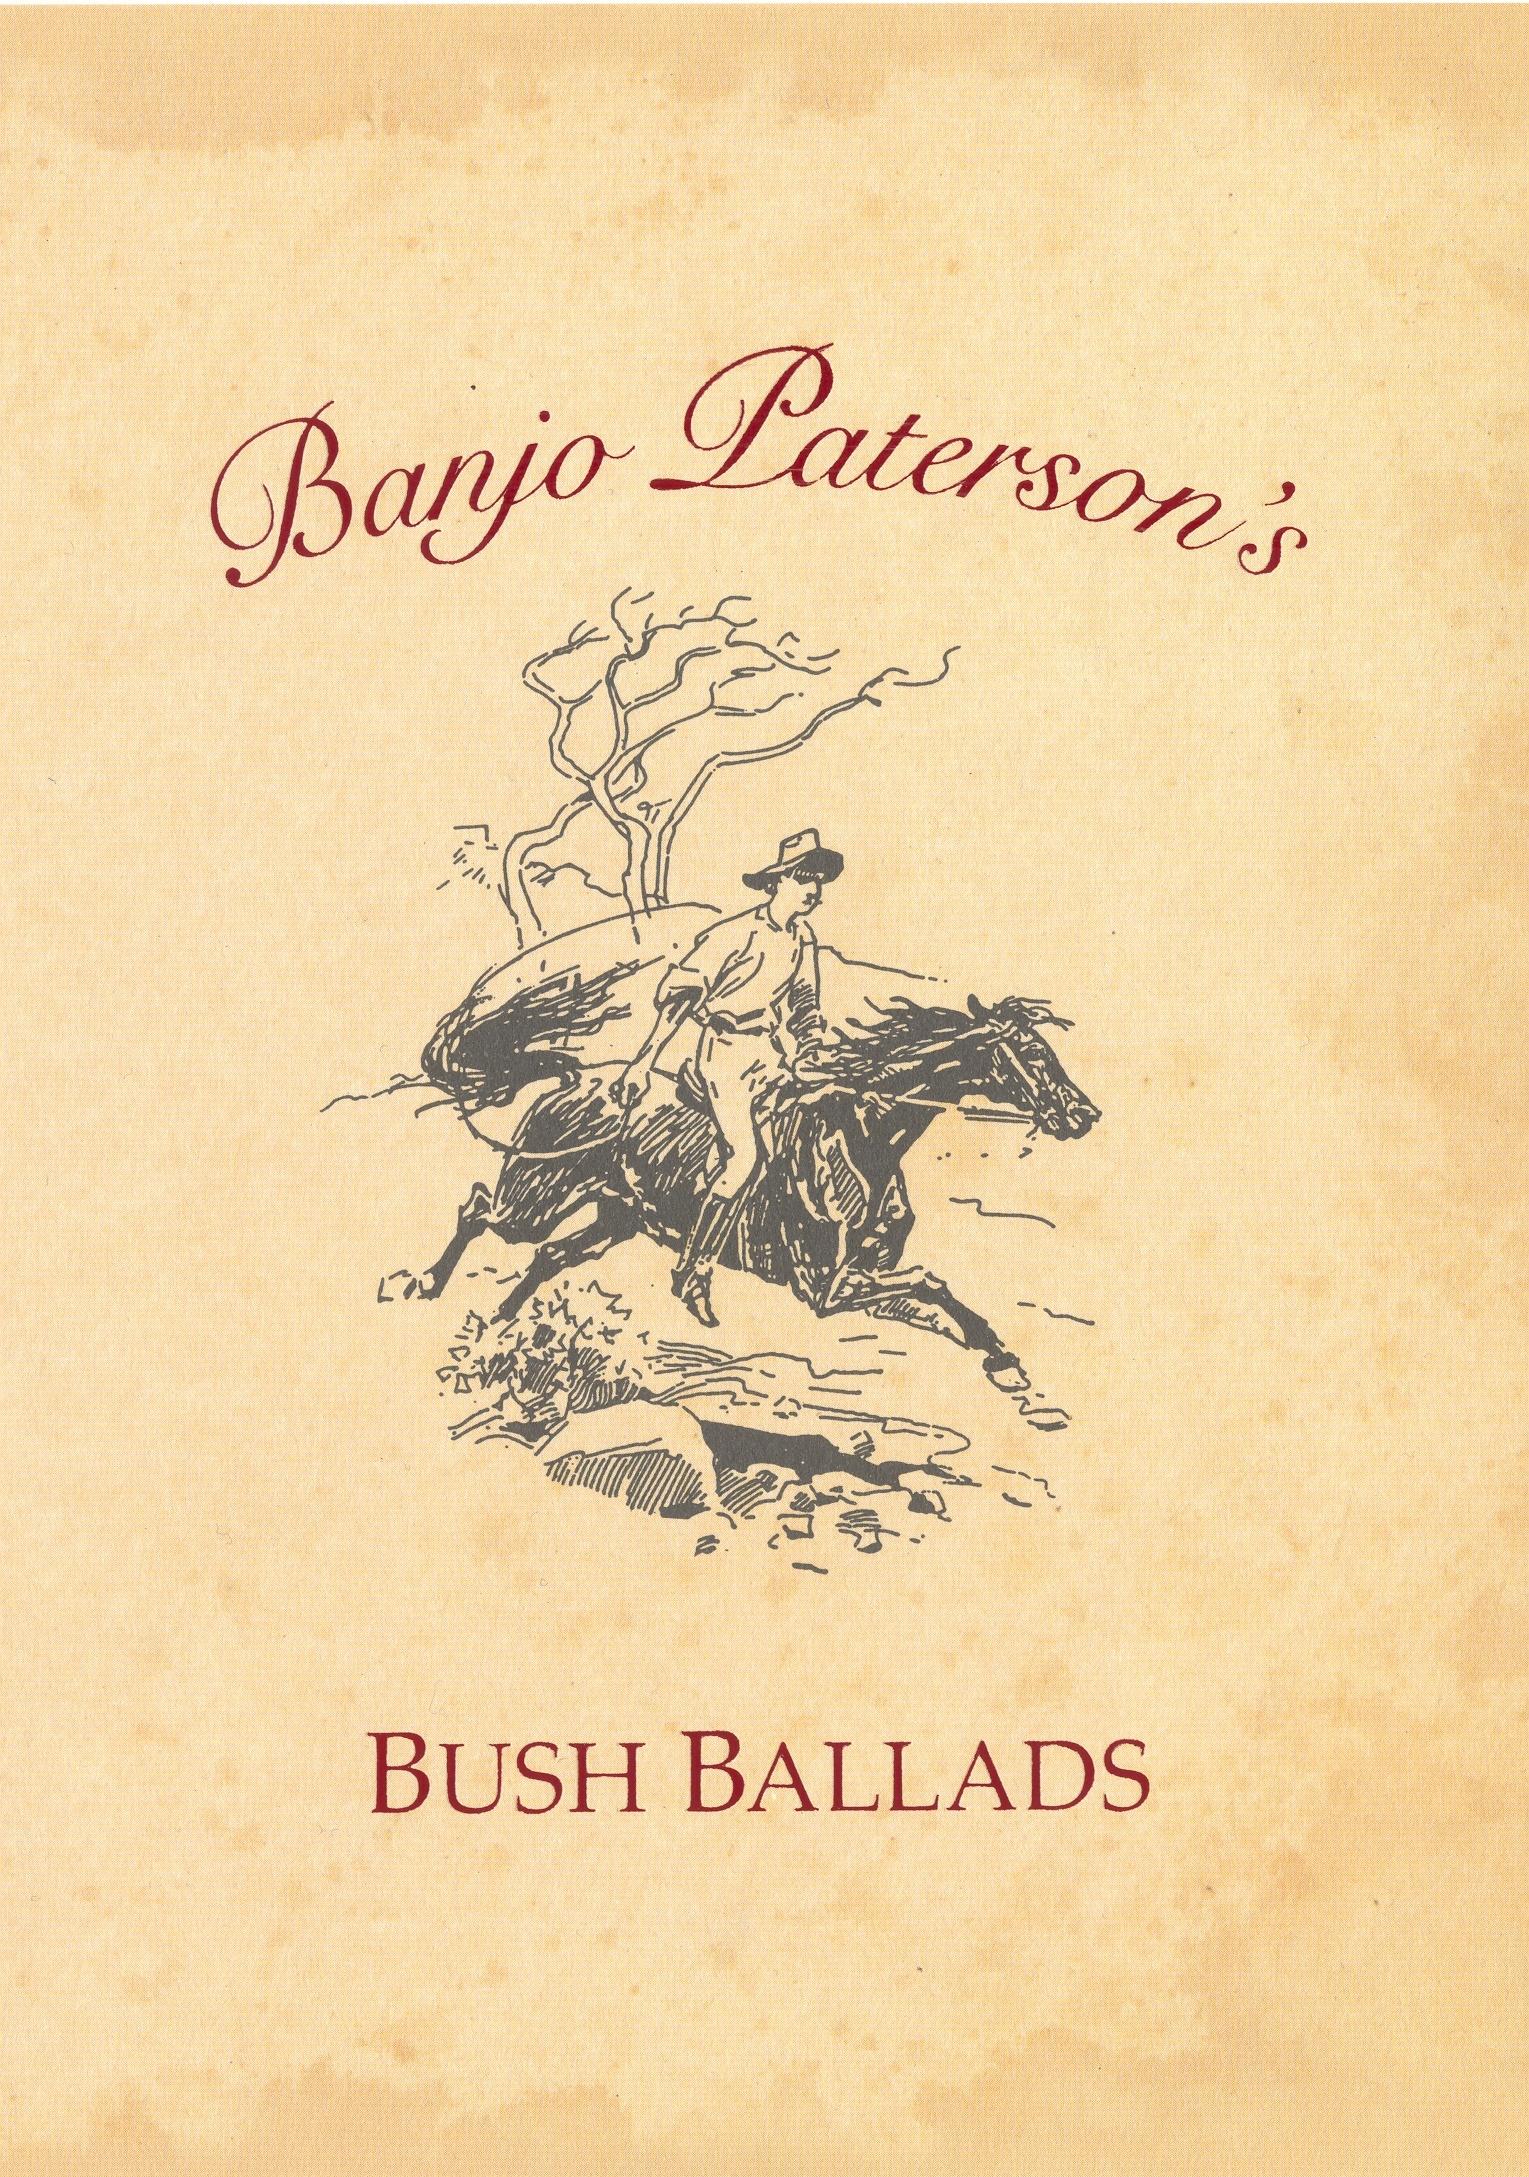 Banjo Patersons Bush Ballads